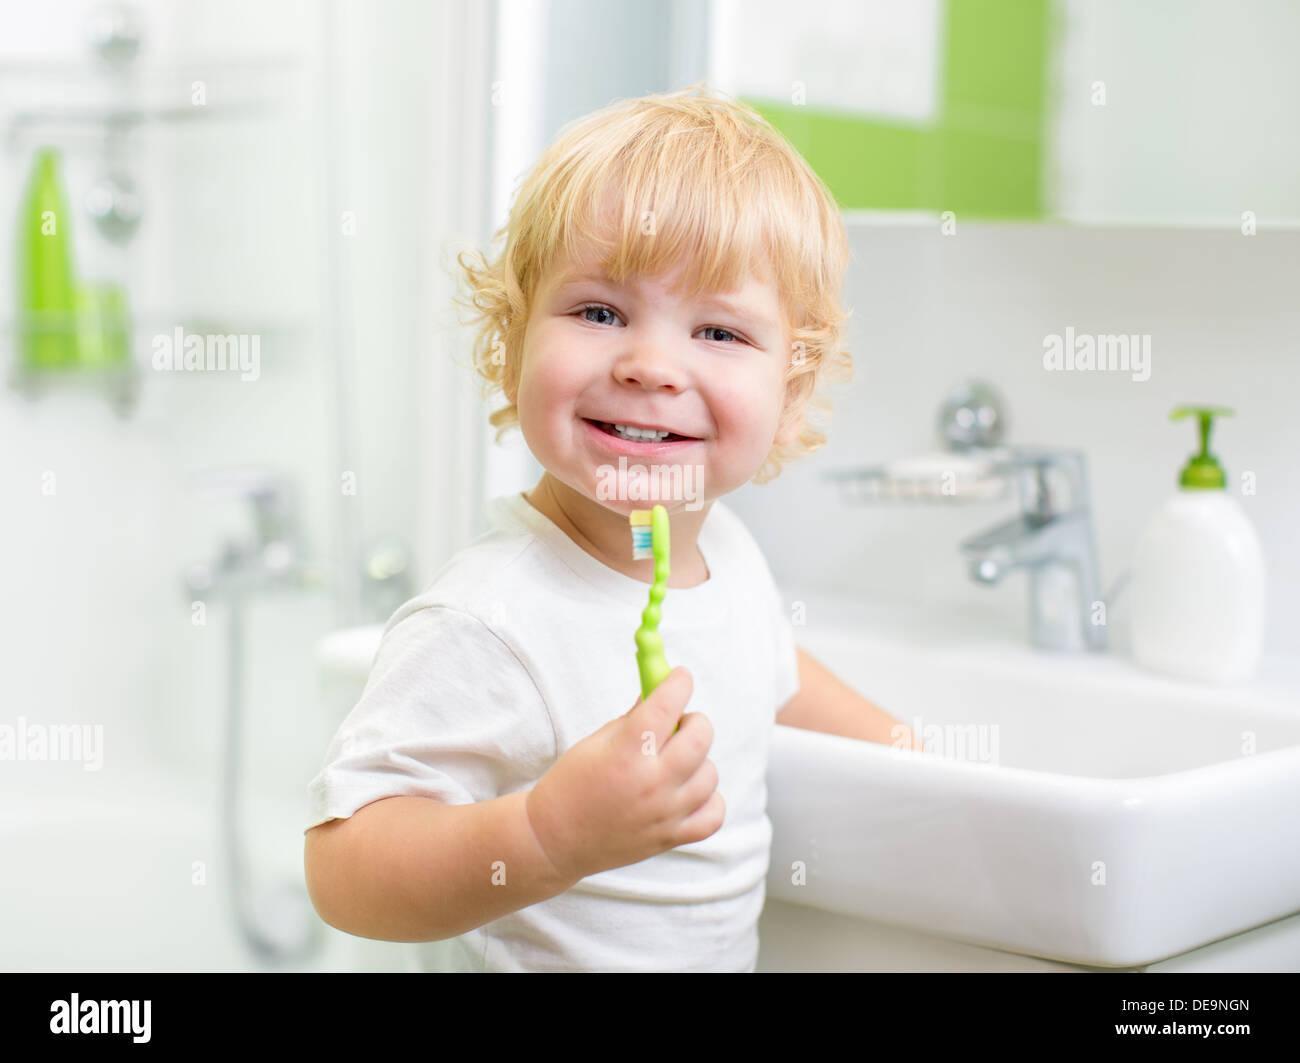 Capretto felice o bambino spazzolare i denti in bagno. Igiene dentale. Immagini Stock